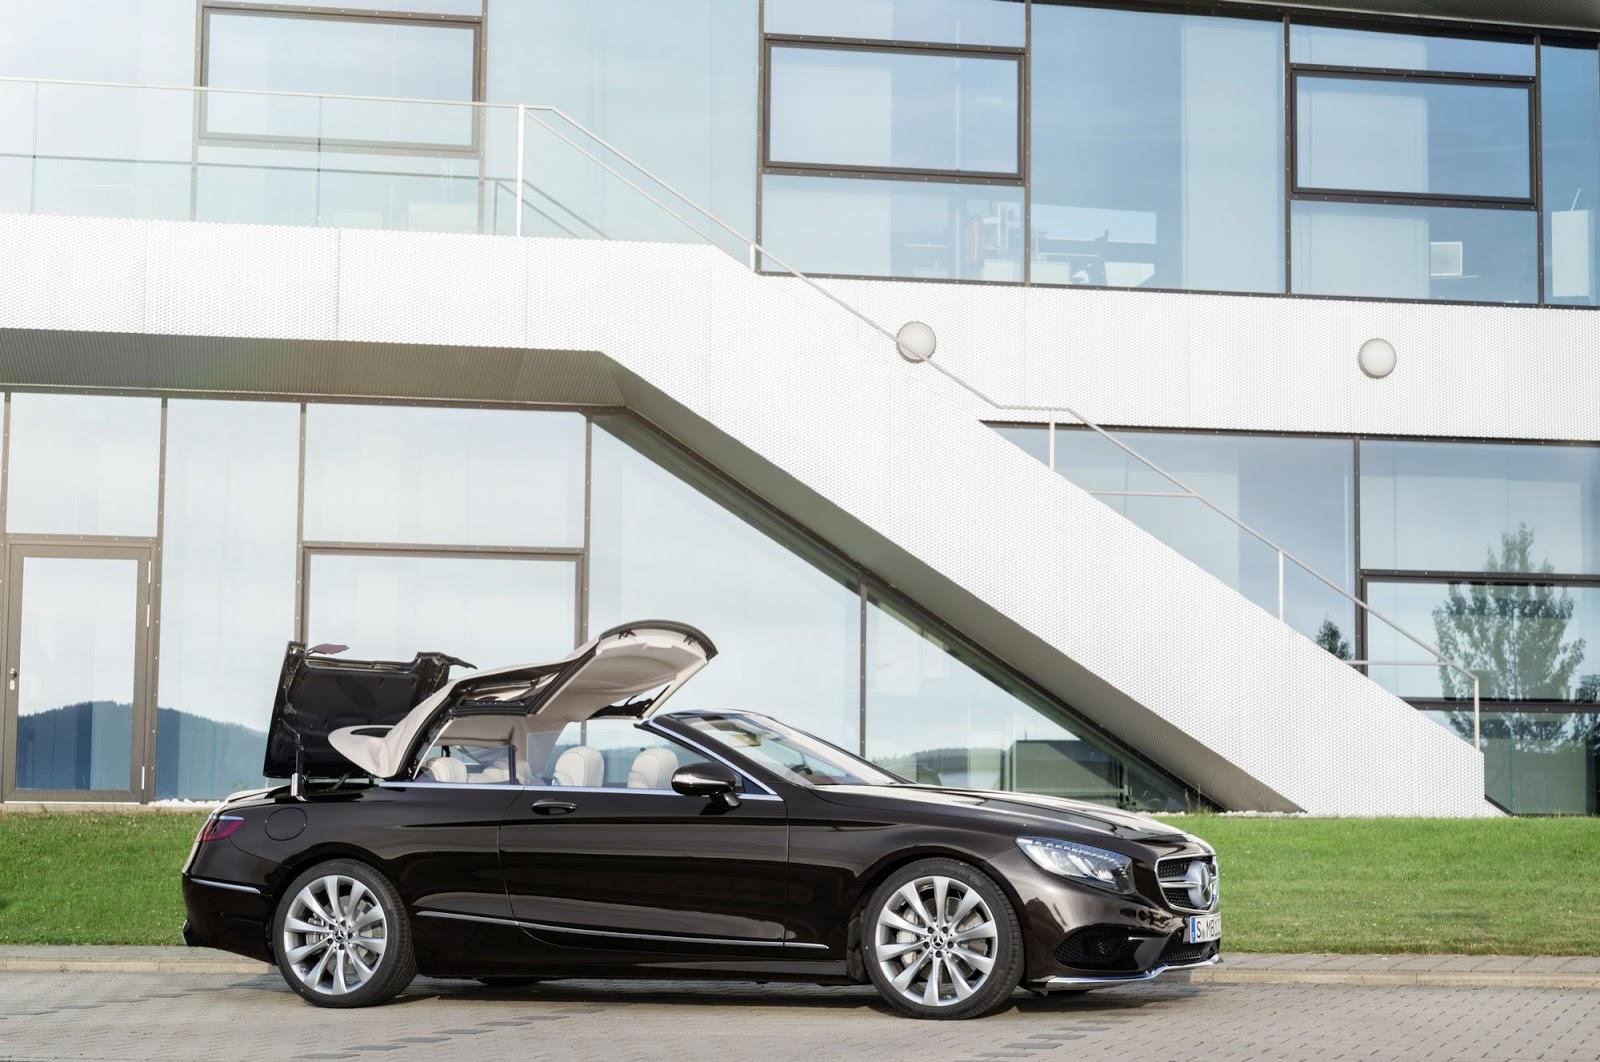 Mercedes-Benz S-Klasse Cabriolet; A 217; Exterieur: designo mokkaschwarz; Interieur: designo Leder porzellan/tizianrot Mercedes-Benz S-Class Cabriolet; A 217;Exterior: designo mocha black; Interior: designo leather porcelain/tizian red